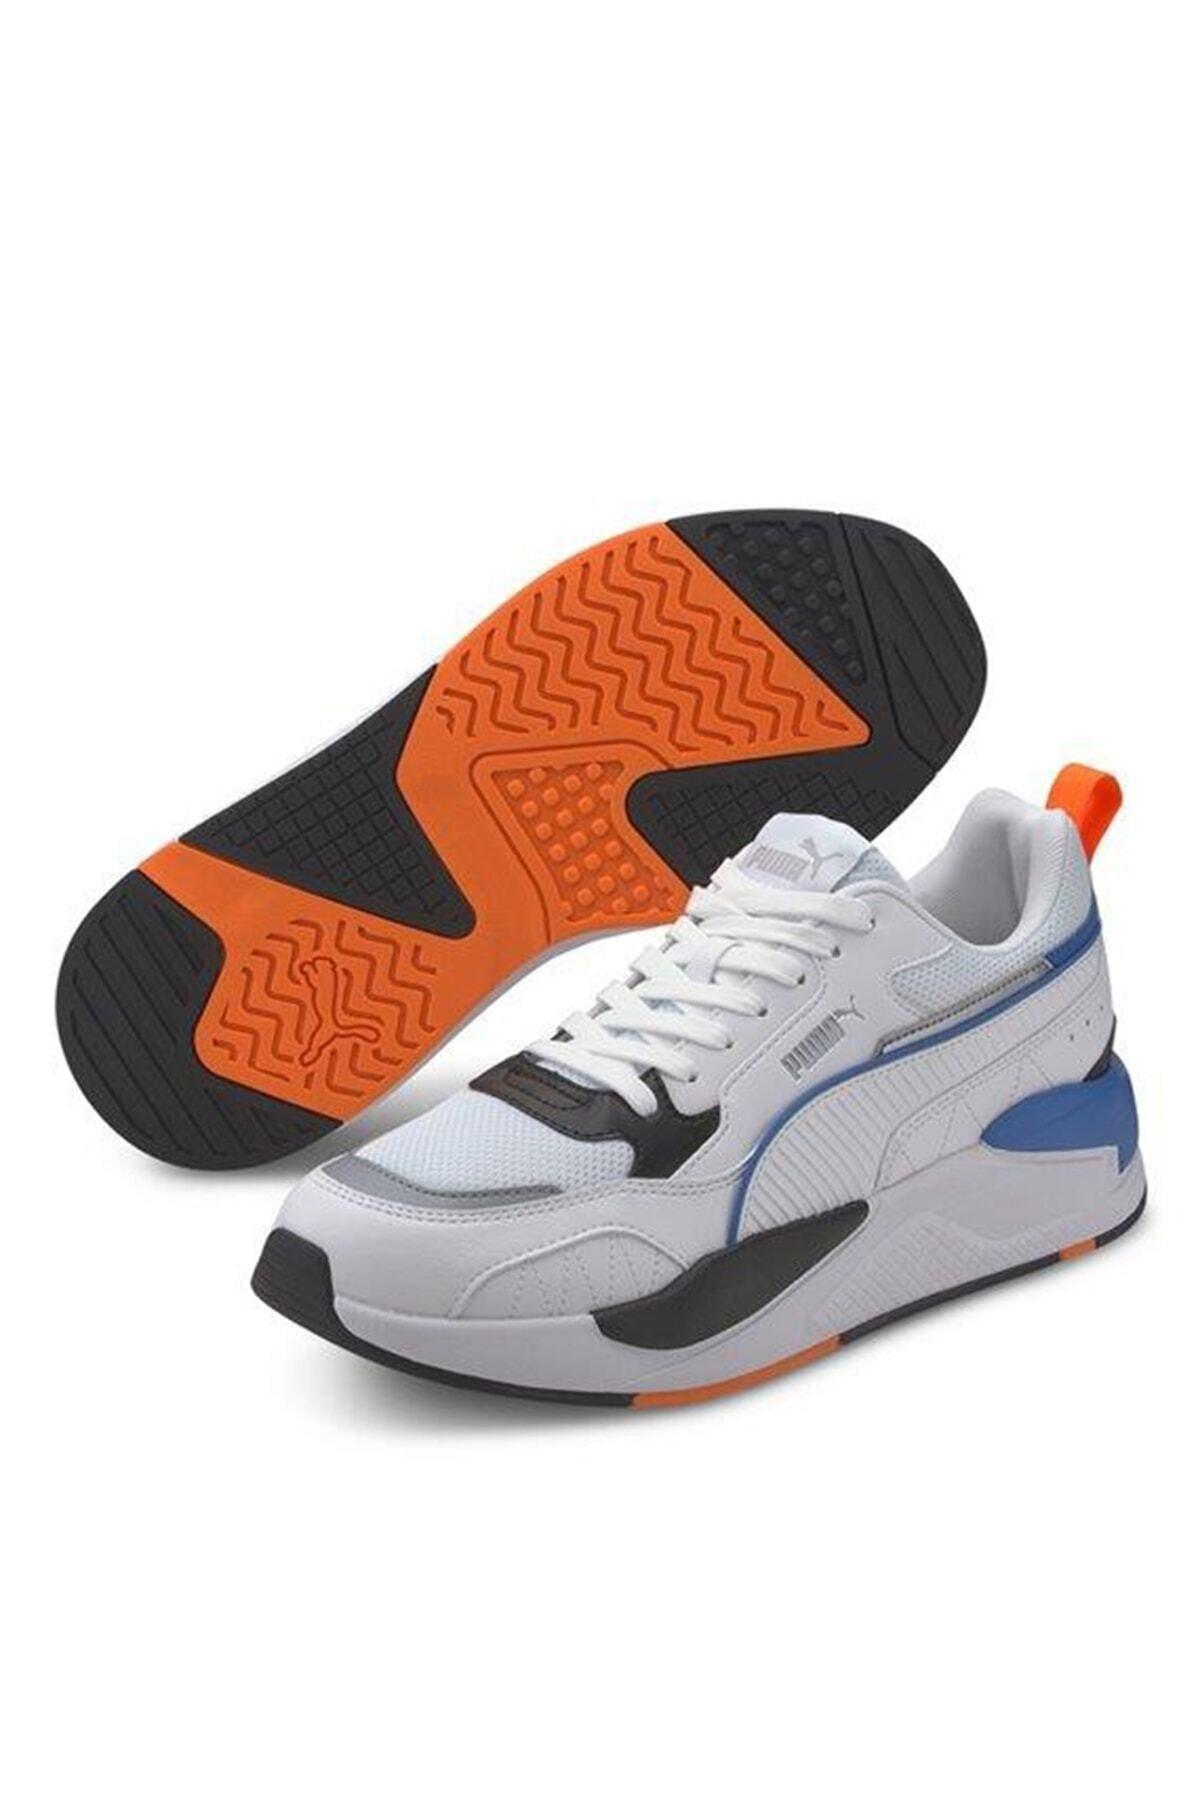 Puma X Ray 2 Square Erkek Spor Ayakkabı 1